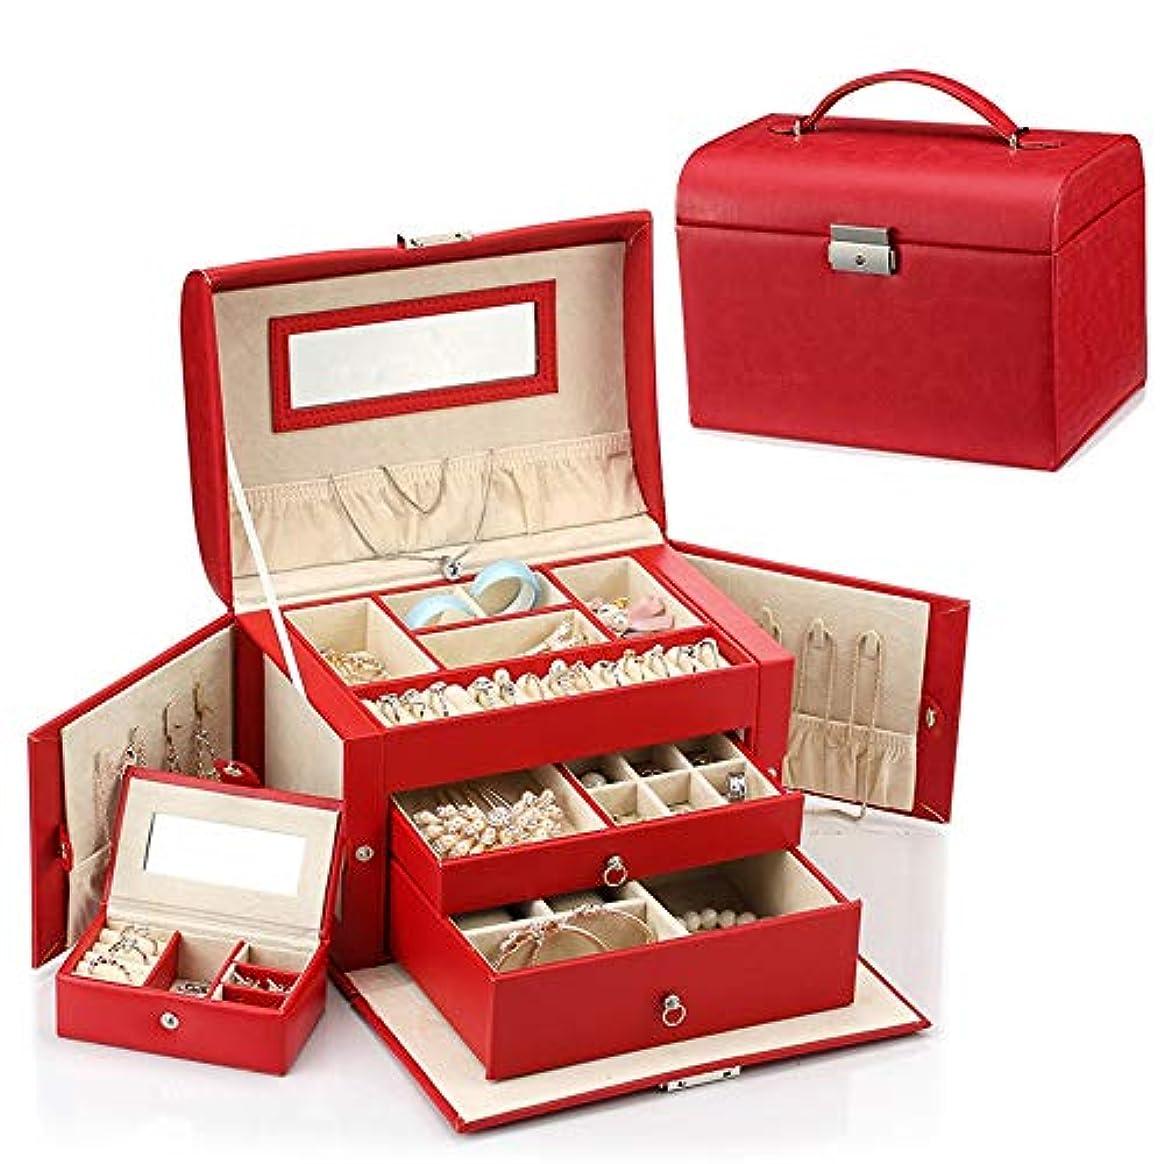 防ぐ科学者乳特大スペース収納ビューティーボックス ジュエリーボックス、イミテーションレザーミディアムジュエリー収納ボックス、ポータブル、ロックレディレトロギフト - マルチカラーオプション 化粧品化粧台 (色 : 赤)